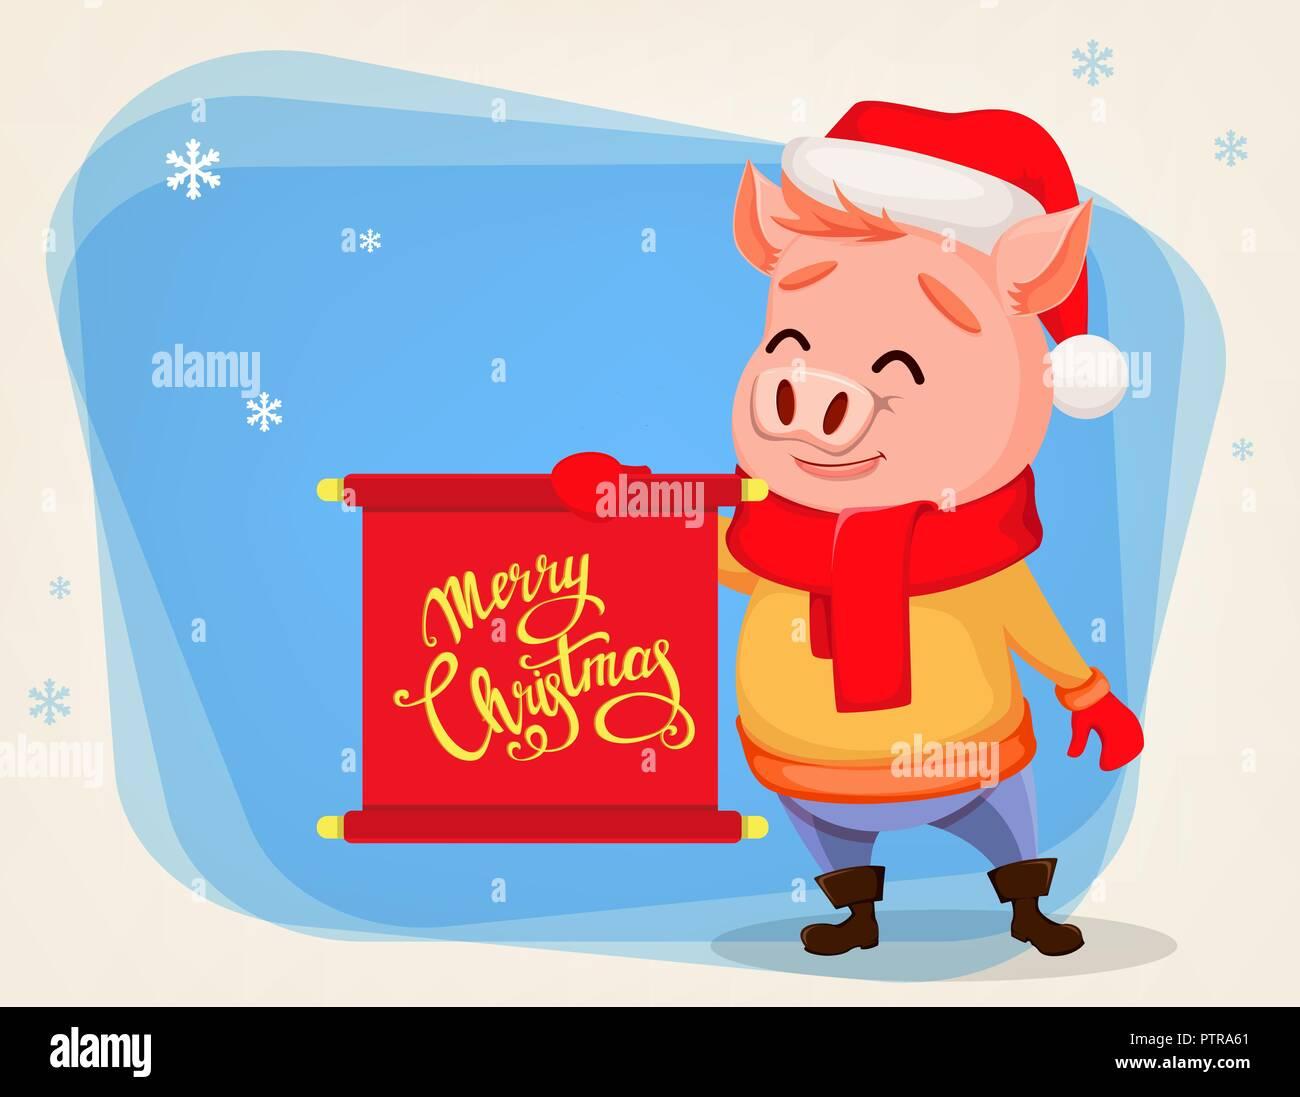 Felicitaciones De Navidad Divertidad.Feliz Navidad Tarjeta De Felicitacion Con Cerdo Lindo